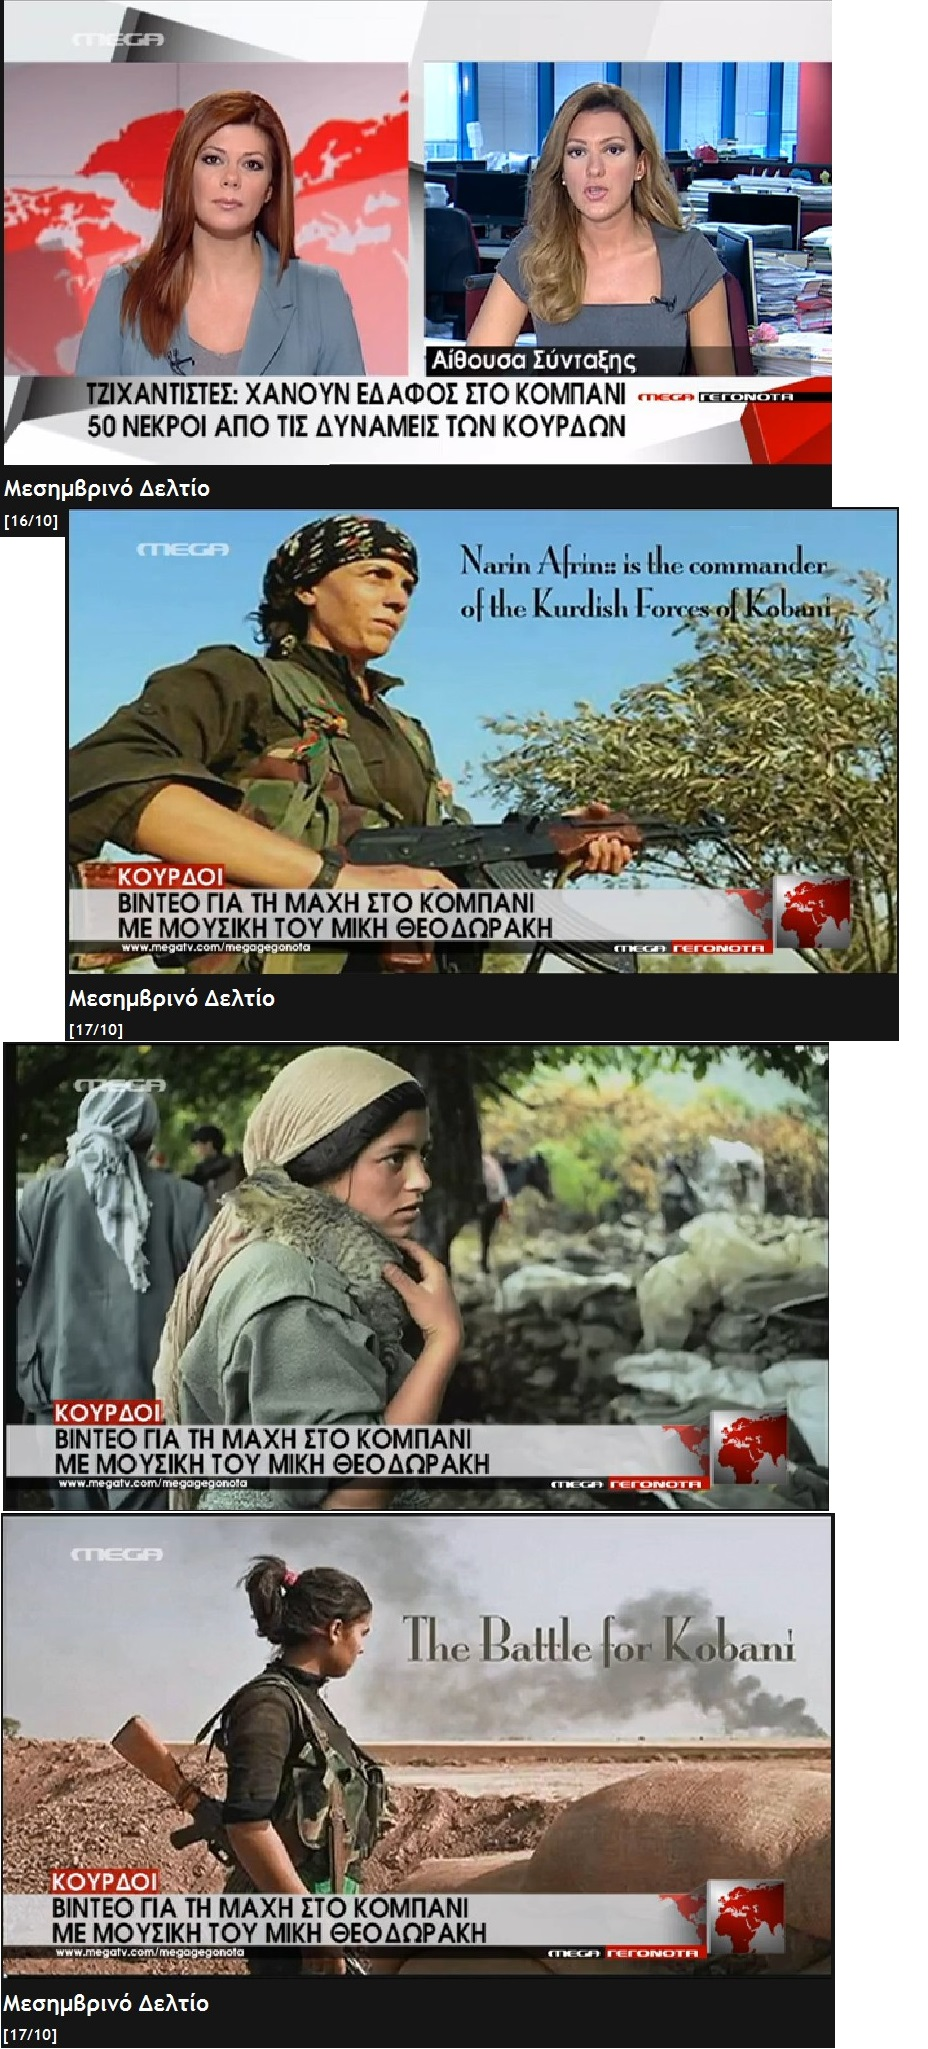 SYRIA KORDOI KOURDISTAN KOBANI ISIS 01 171014